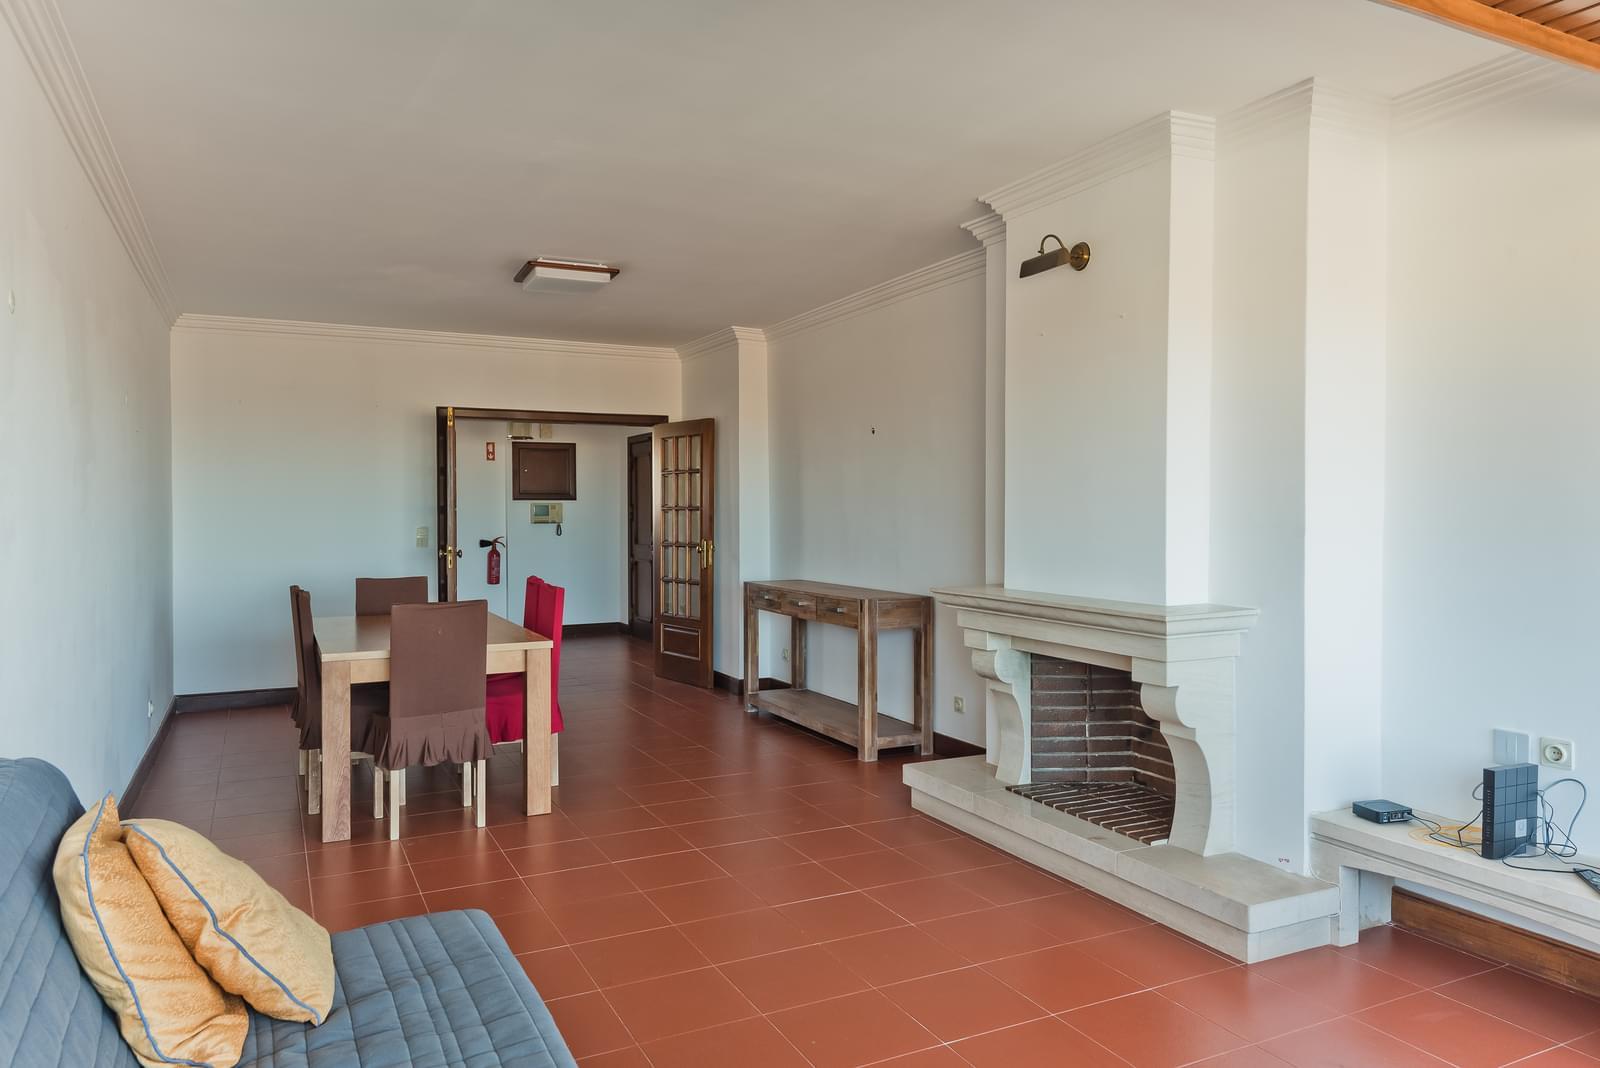 pf18730-apartamento-t2-cascais-53ecd607-e57b-4f8d-926f-536706799842